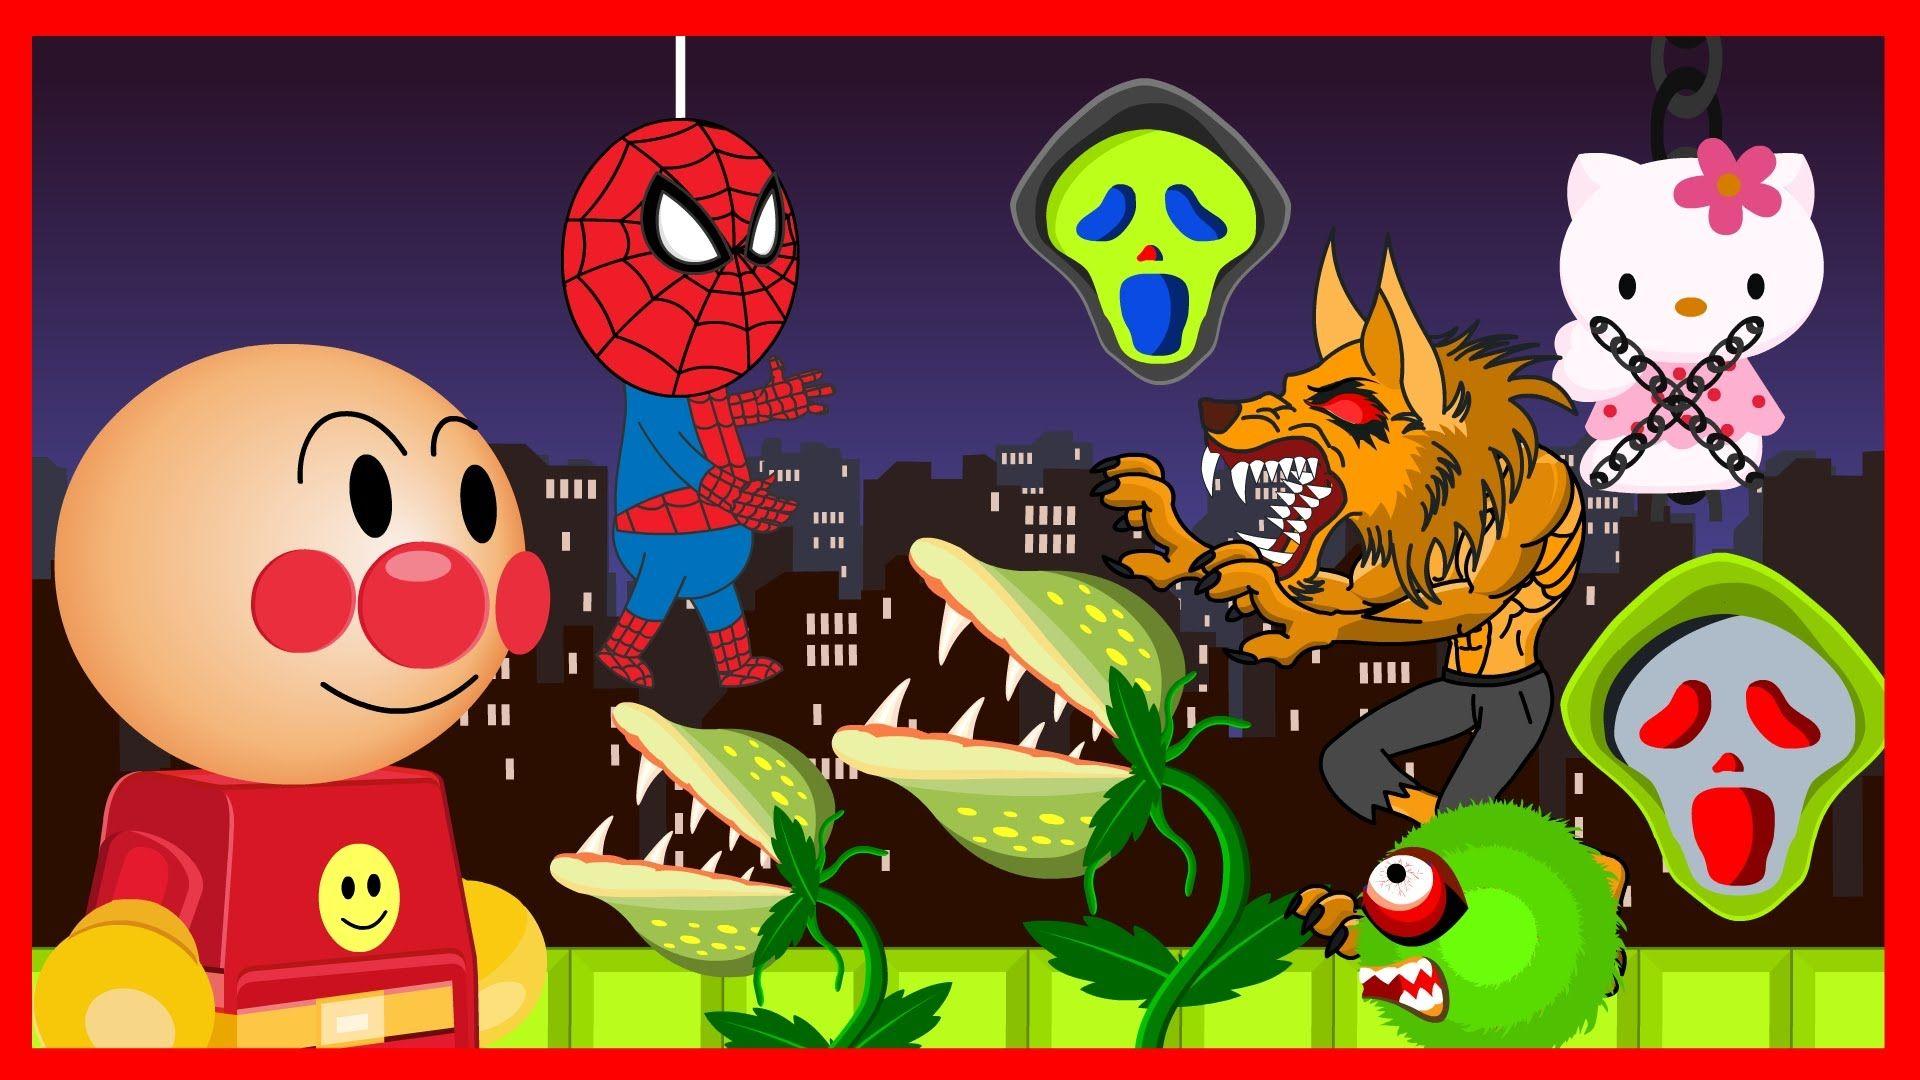 Anpanman Toys Anime Episode 54 Anpanman and Spiderman